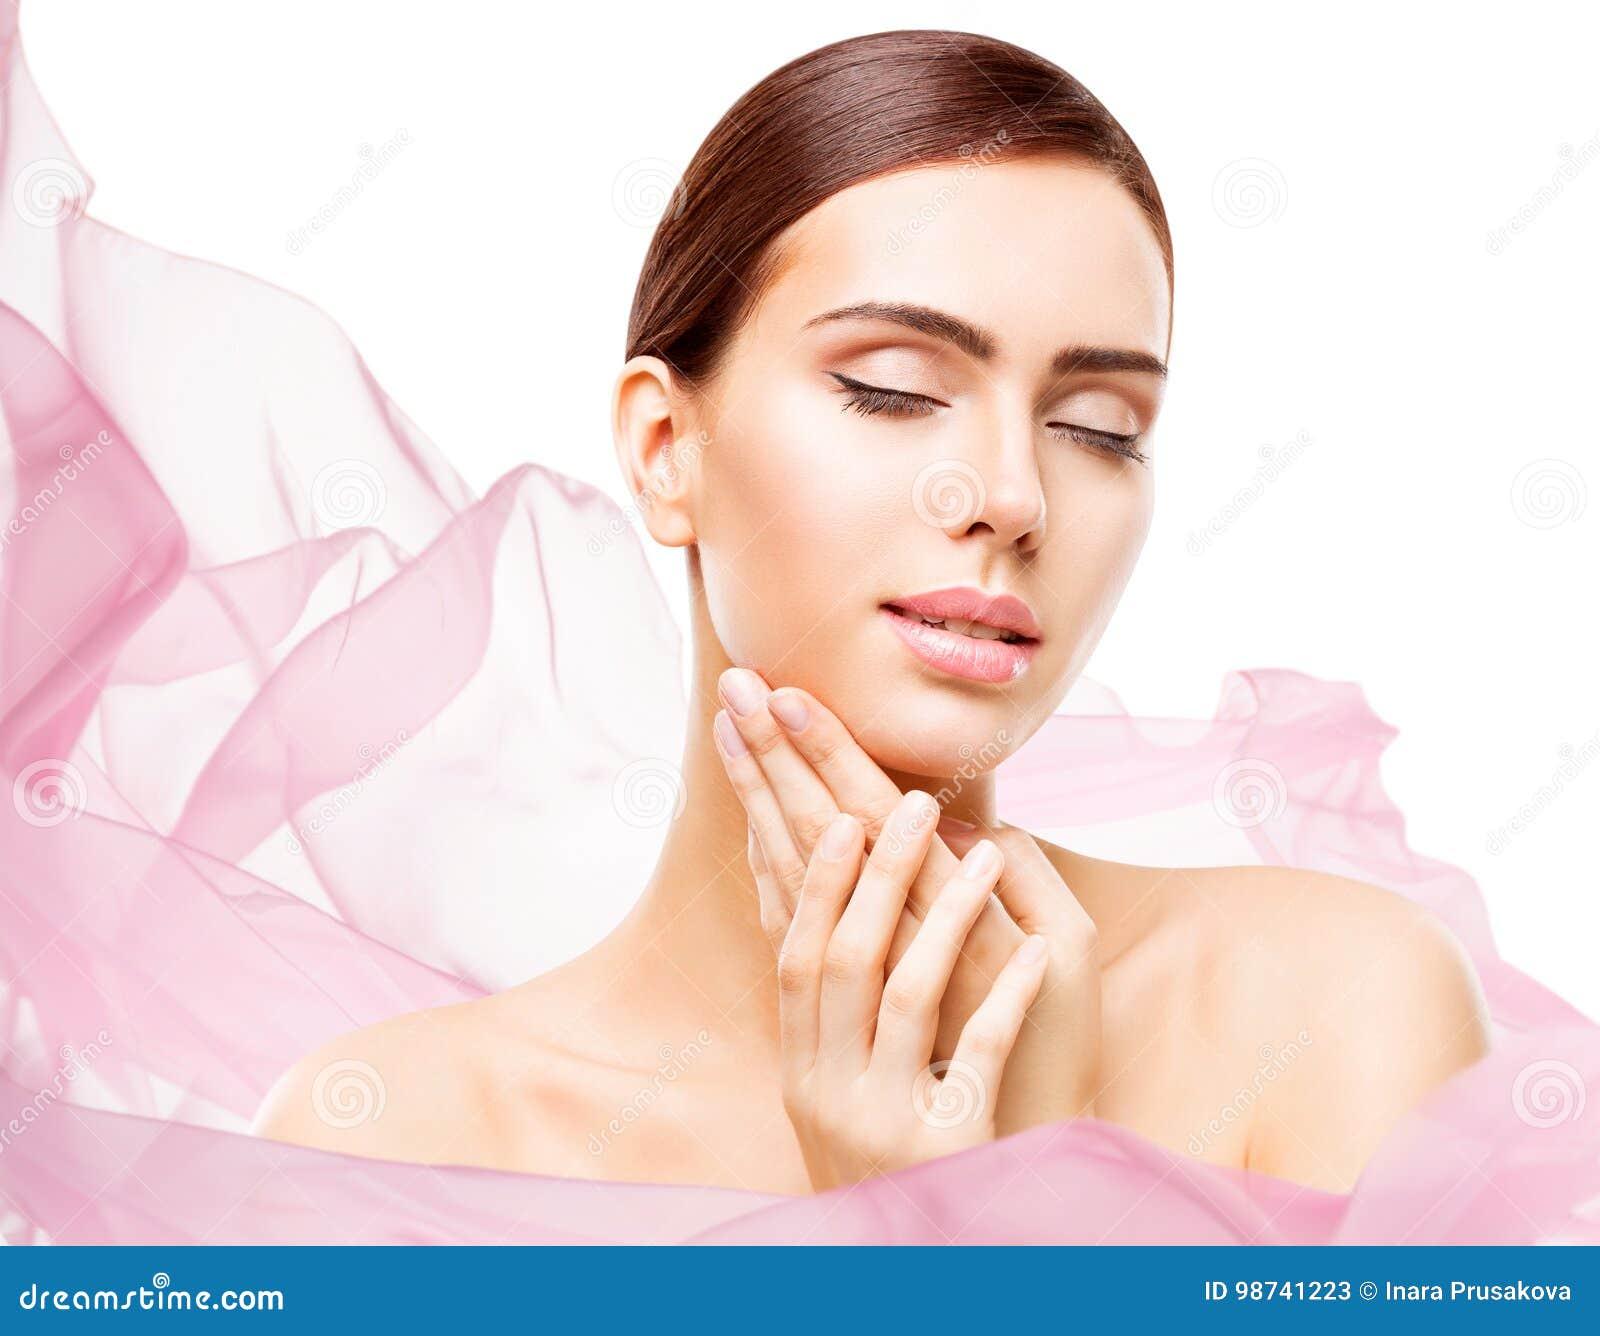 Frauen-Schönheits-Make-up, Gesichts-Hautpflege-natürliches schönes bildet